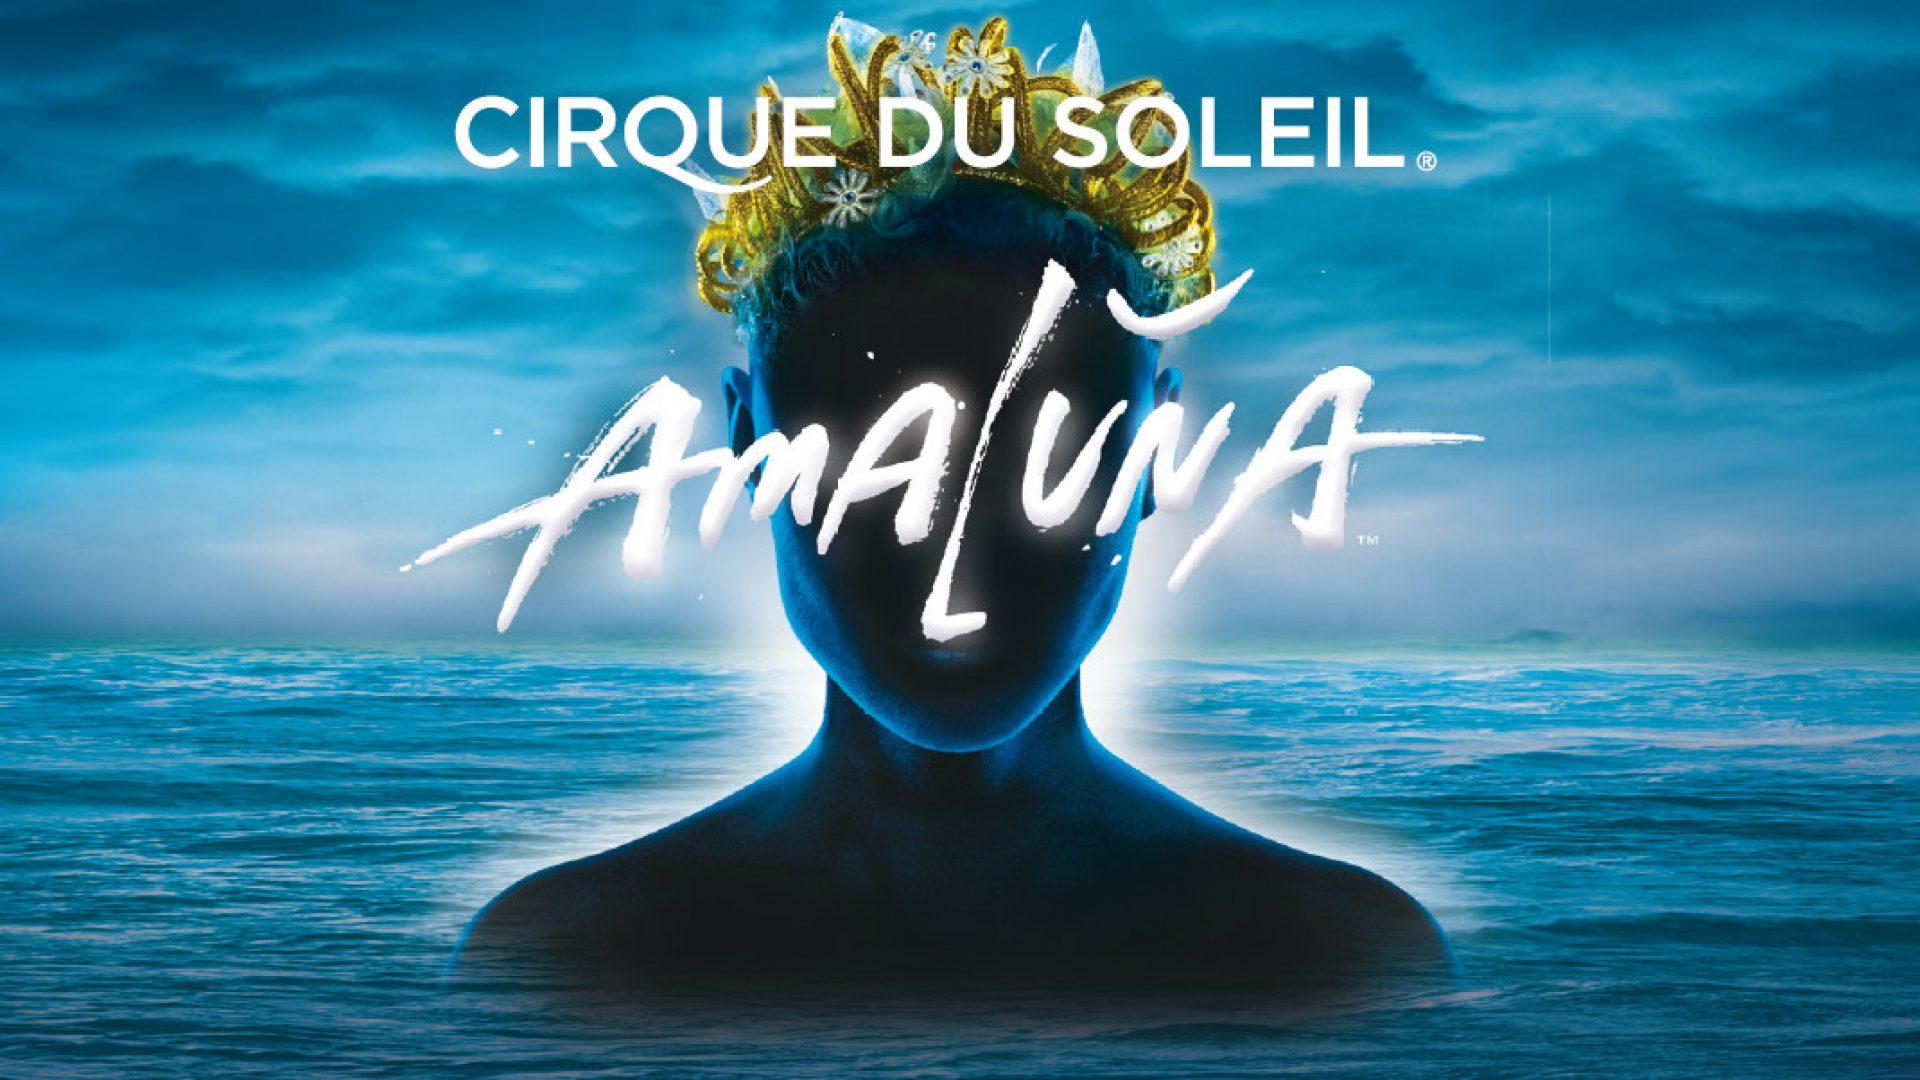 cirque du soleil oetickets